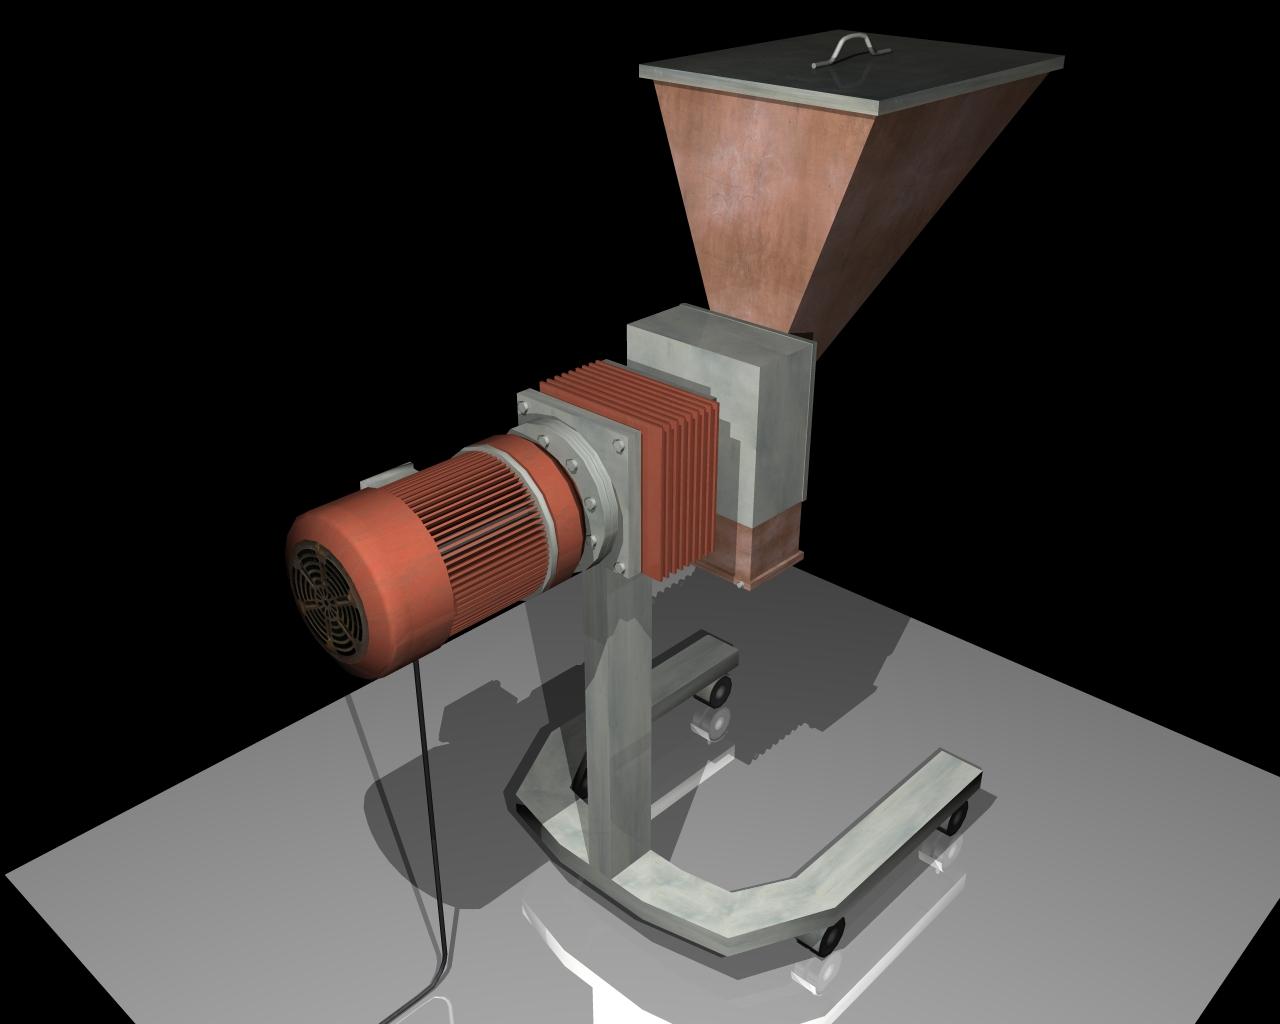 grind machine 3d model 3ds 164262